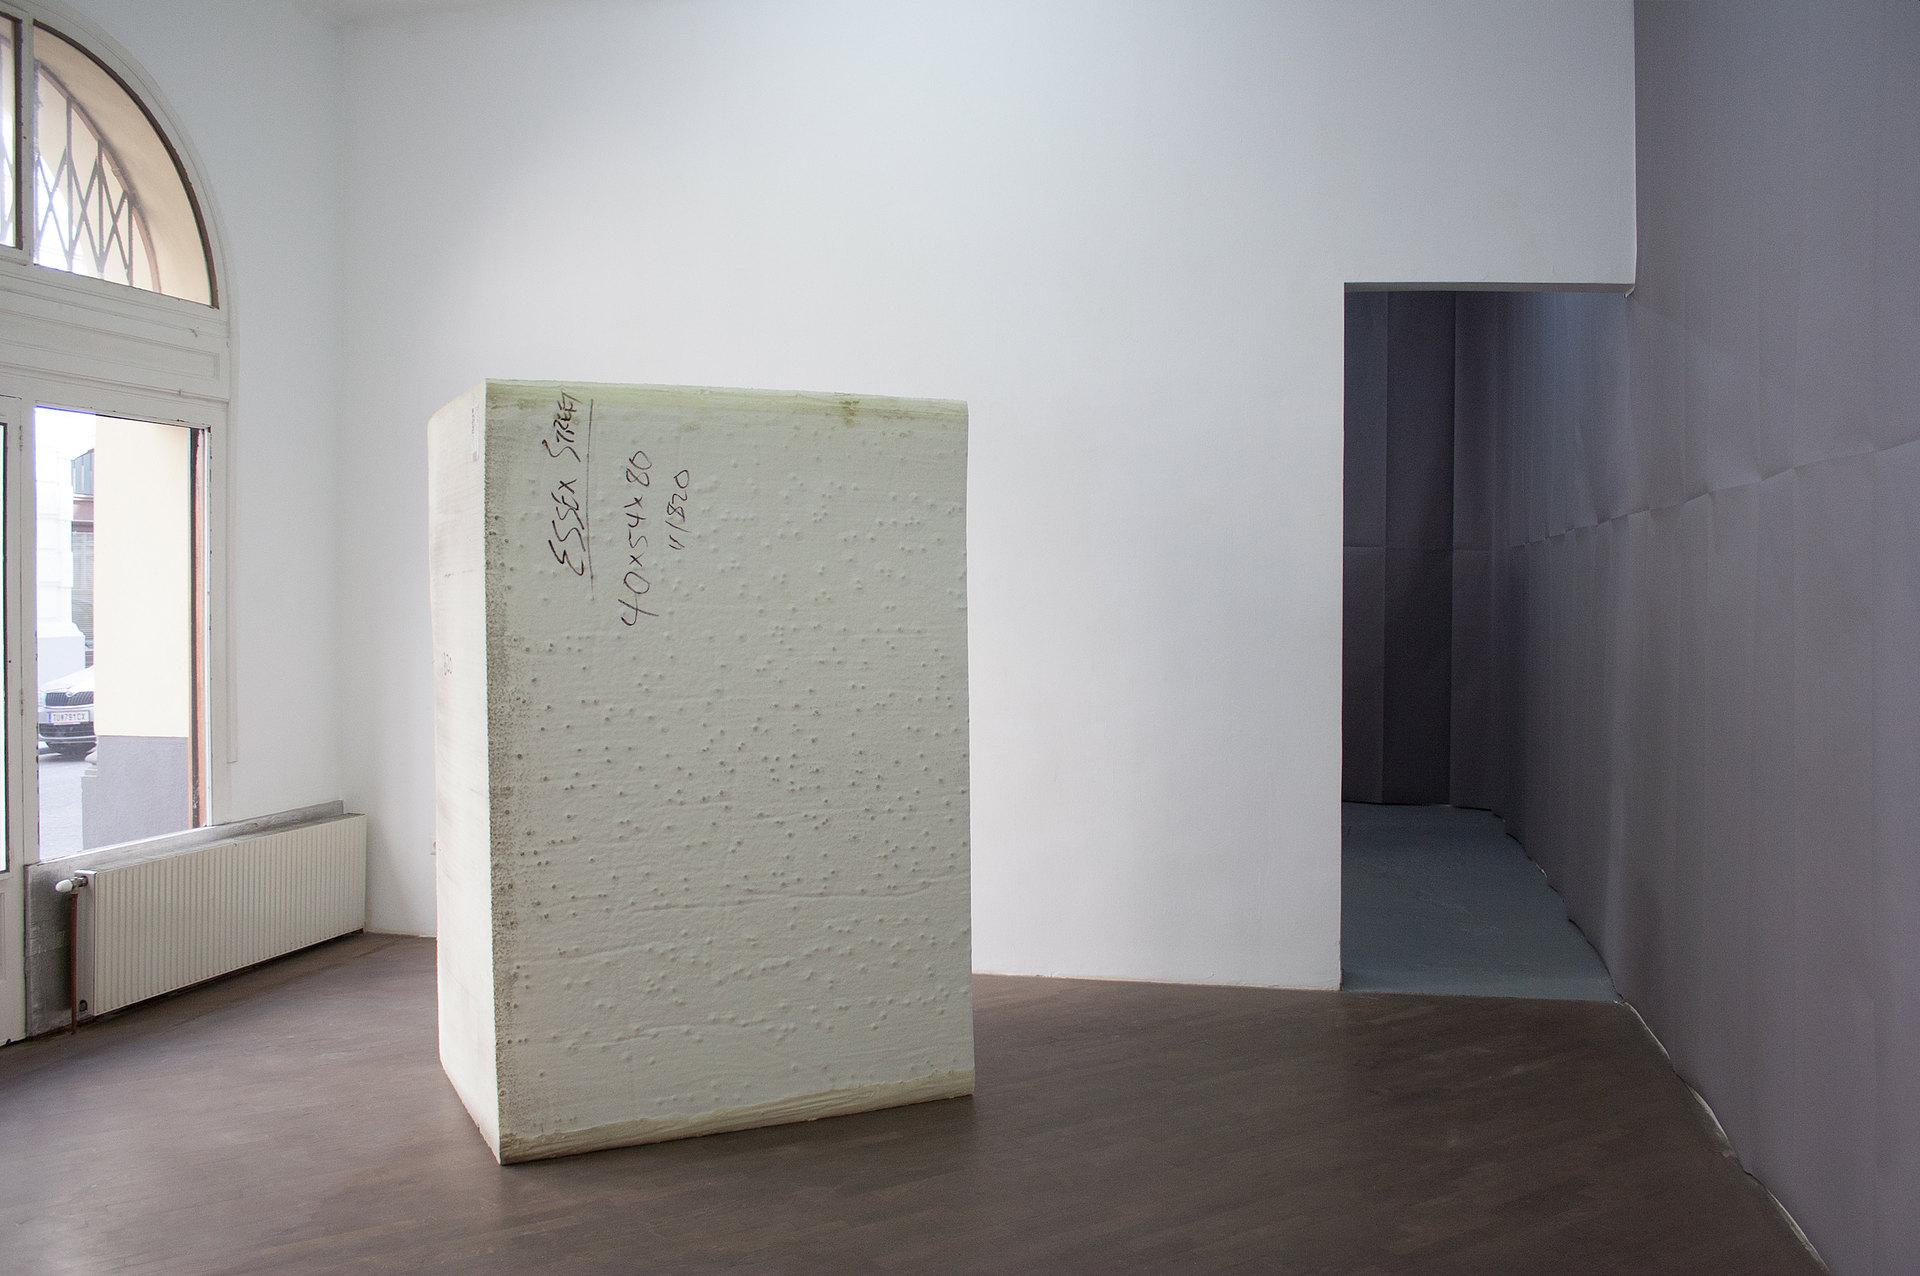 #6-Gerber_McArthur_Nutt_-final-installation-view